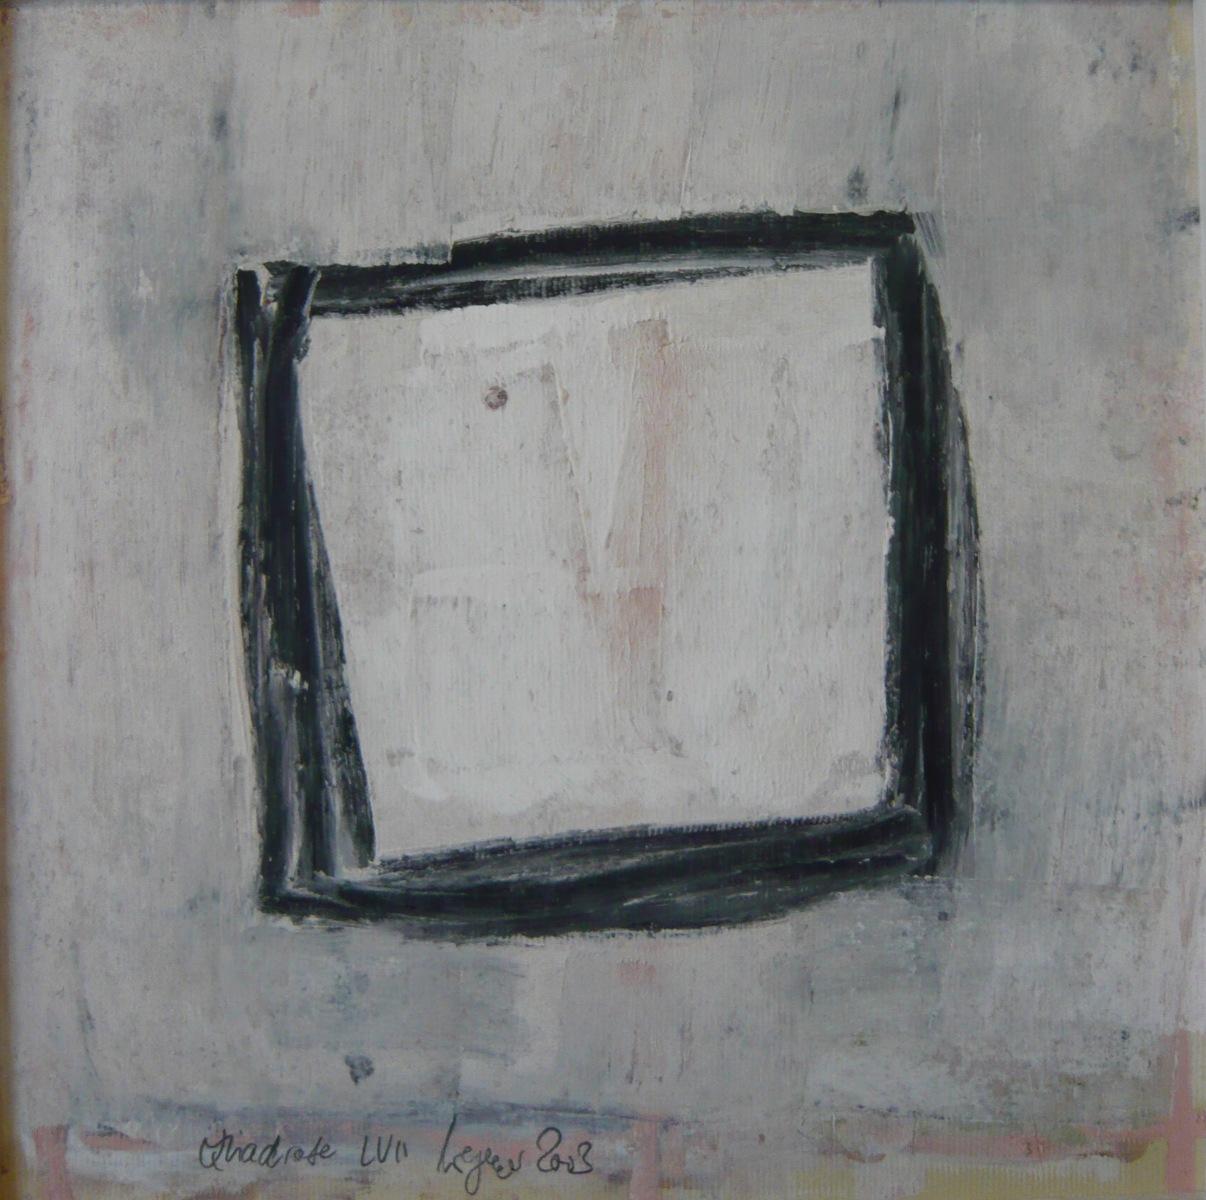 Quadrat - LVII